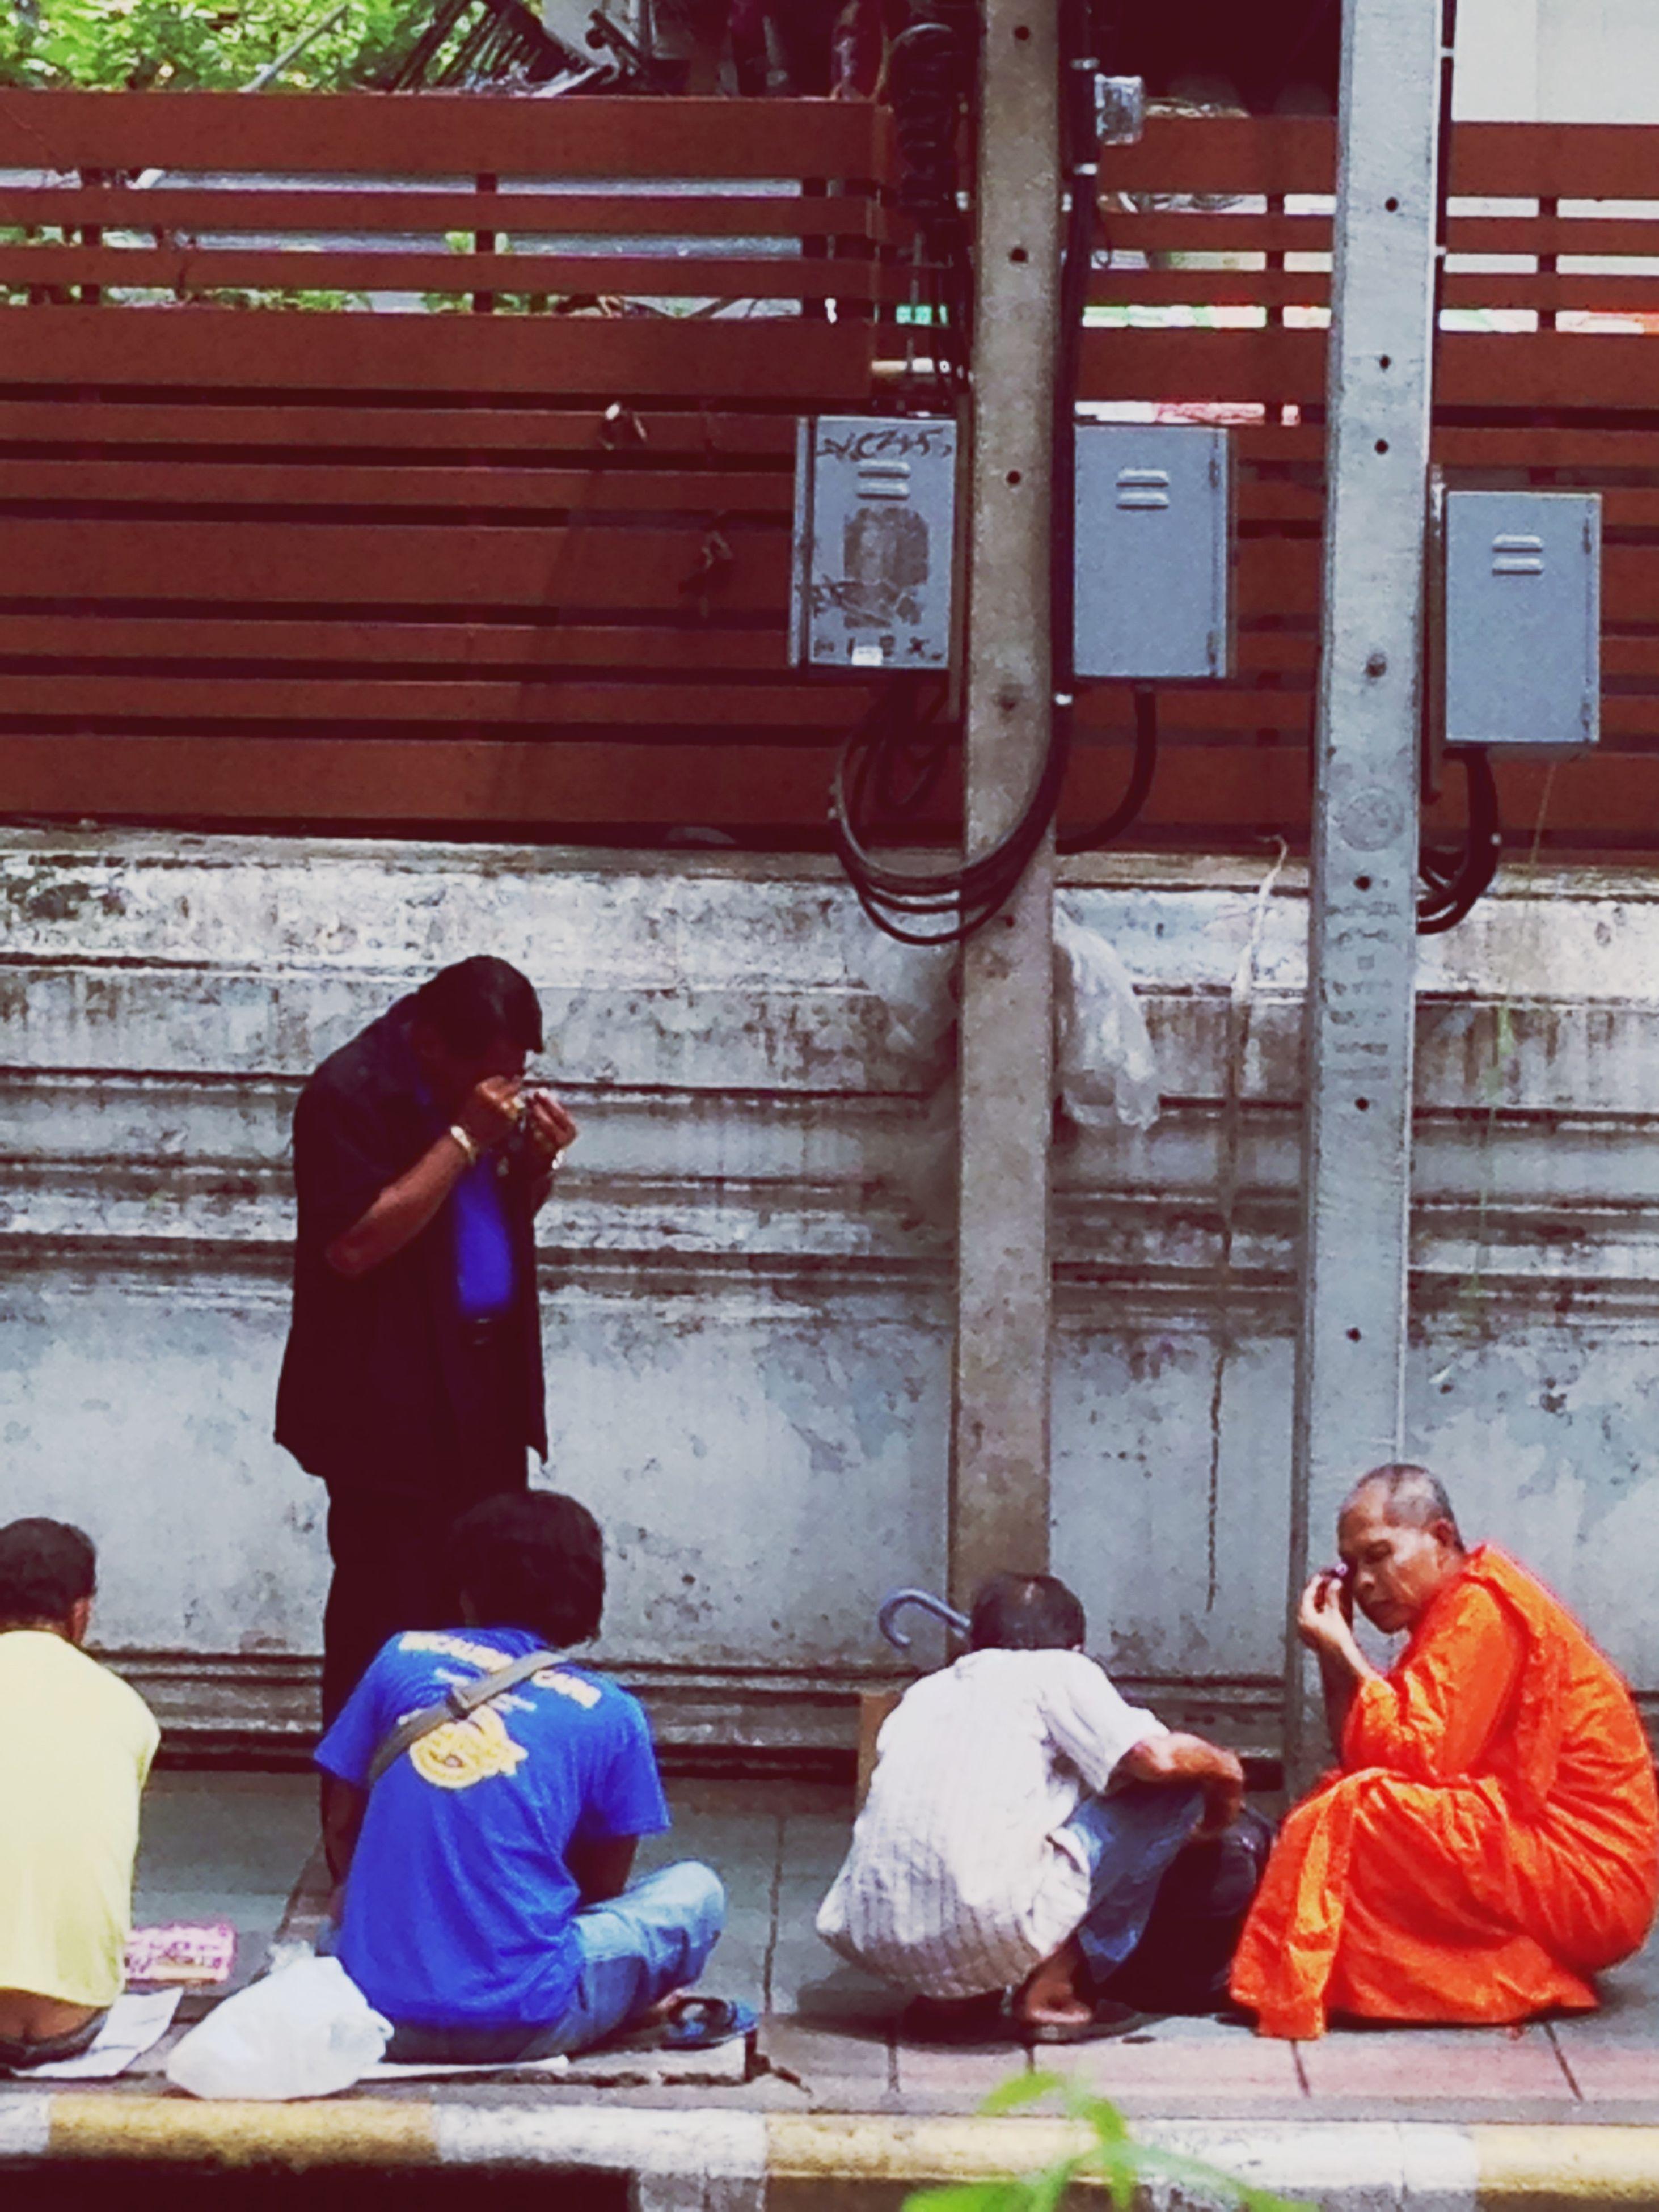 People Streetphotography Bangkok